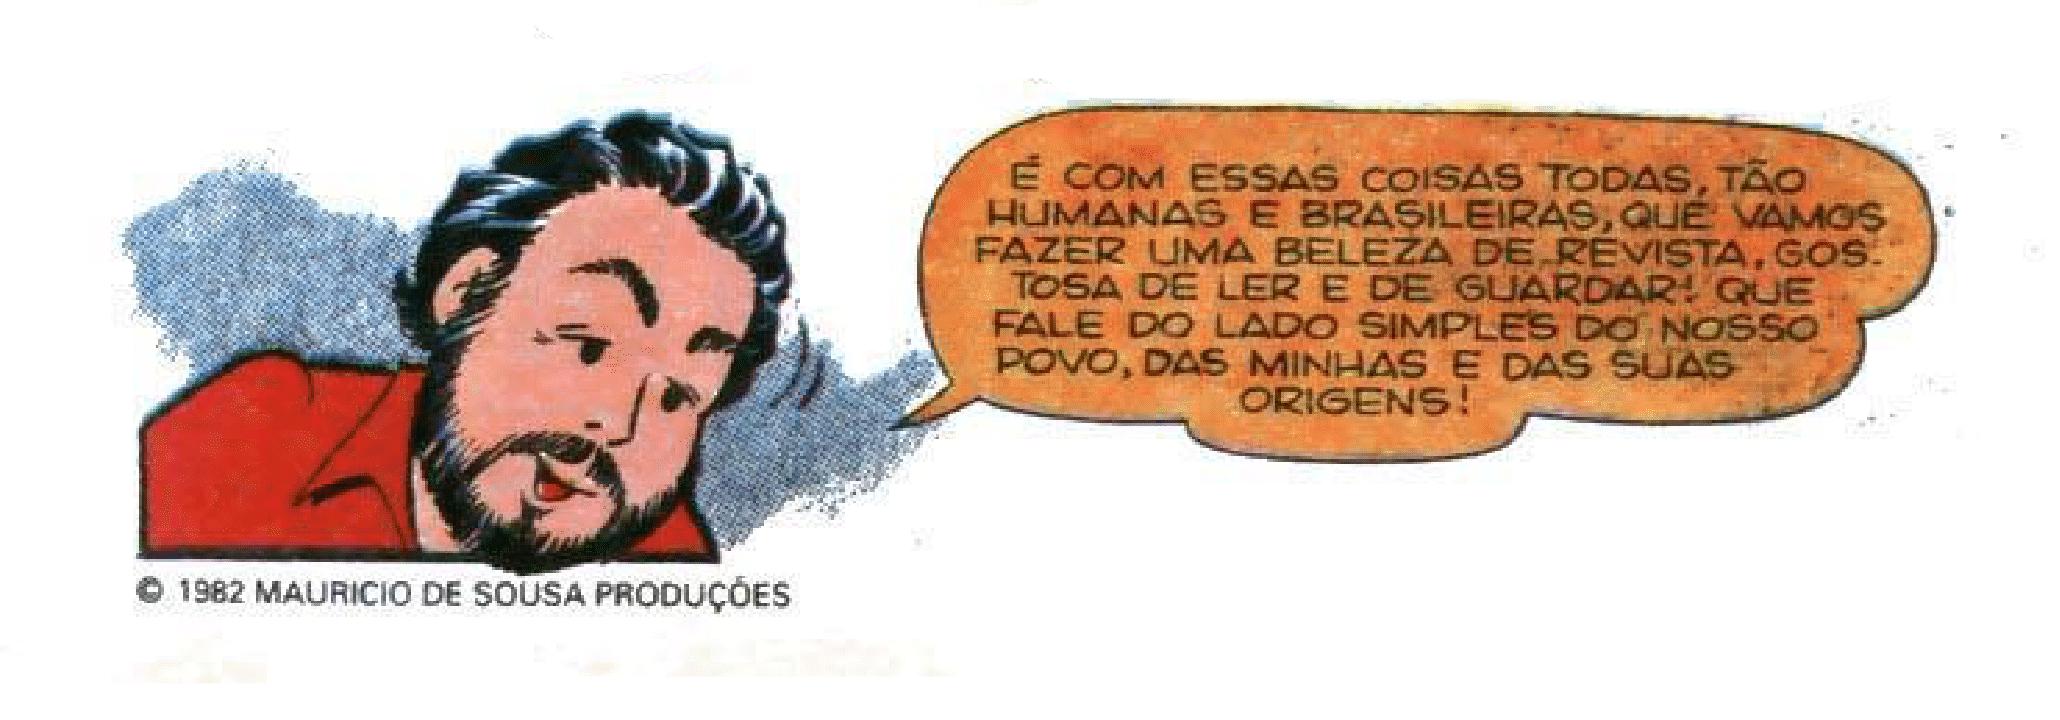 """Desenho de Mauricio de Sousa diz: """"É com essas coisas todas, tão humanas e brasileiras, que vamos fazer uma beleza de revista, gostosa de ler e de guardar! Que fale do lado simples do nosso povo, das minhas e das suas origens!"""""""